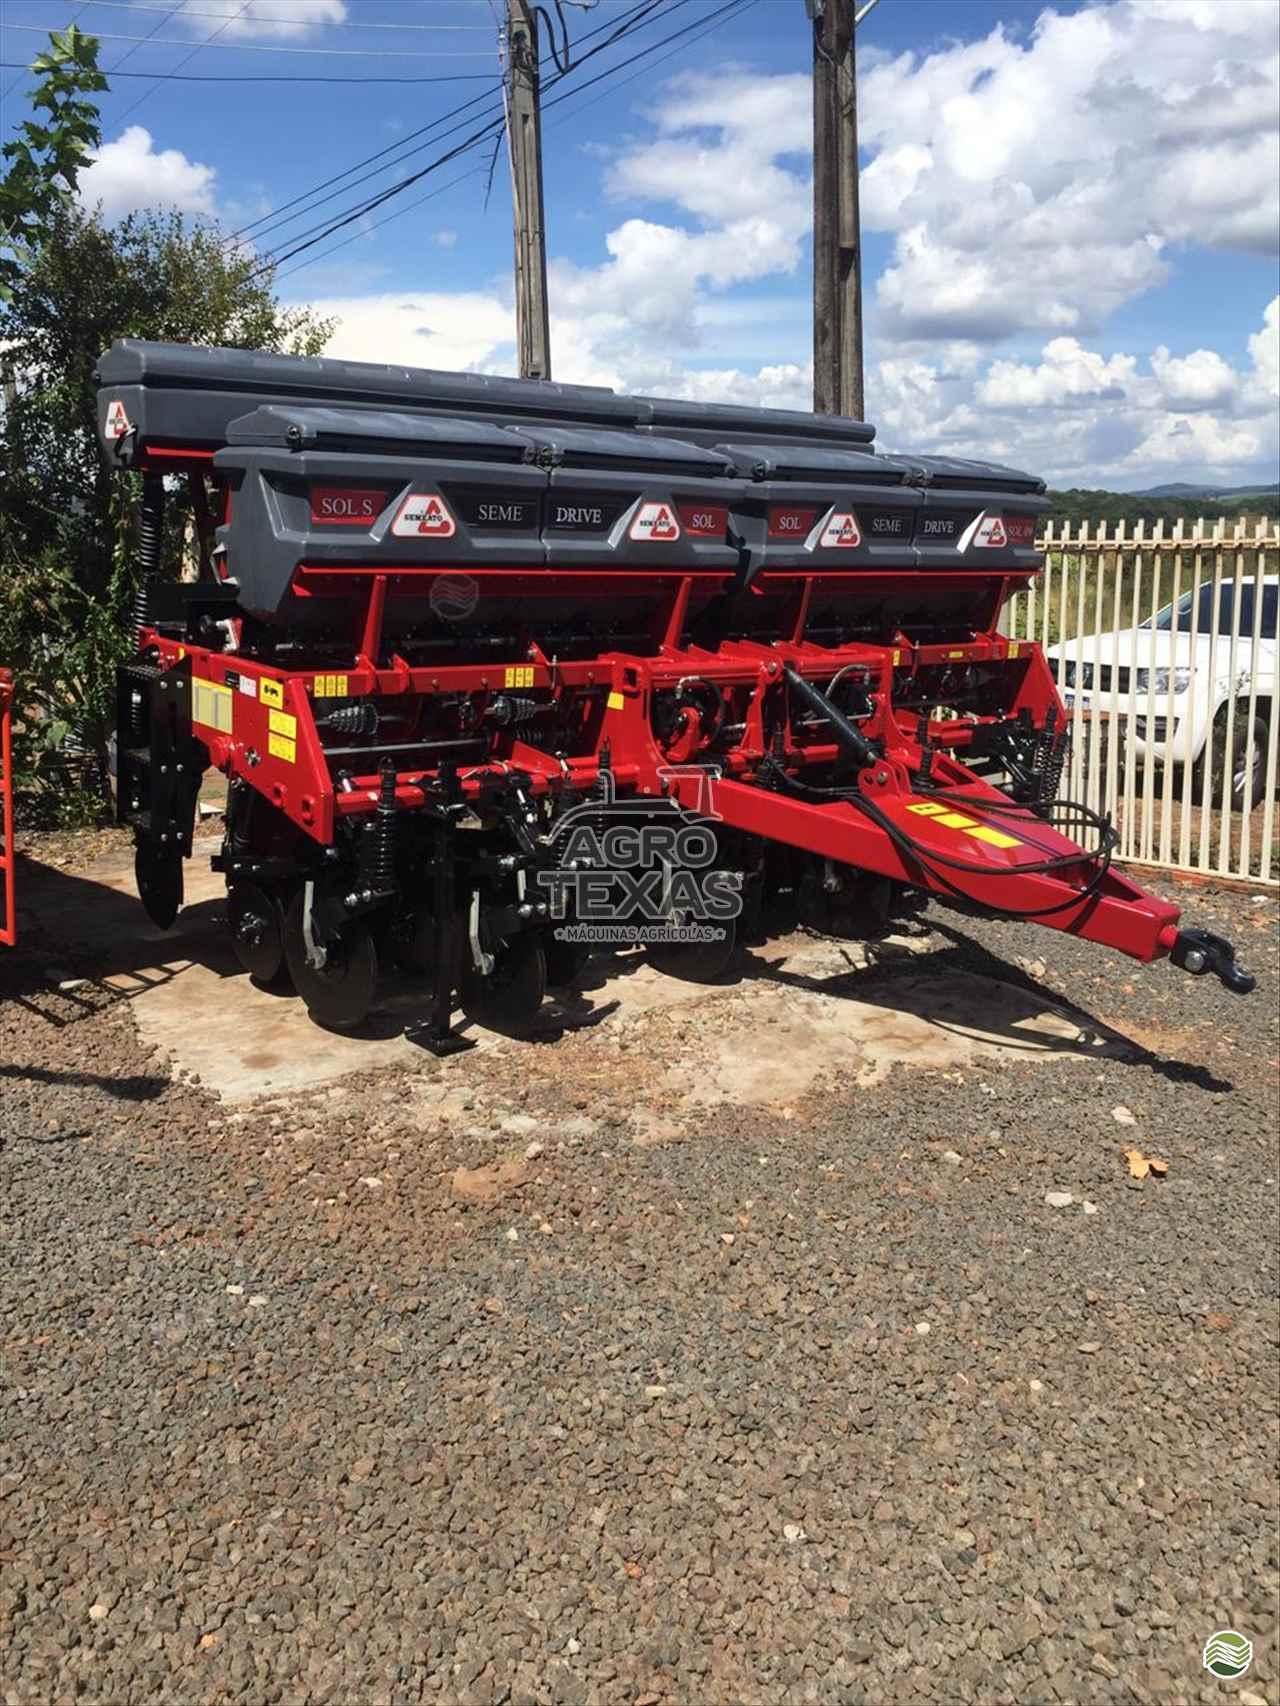 PLANTADEIRA SEMEATO SOL TOWER 9 Agro Texas Máquinas Agrícolas VITORINO PARANÁ PR